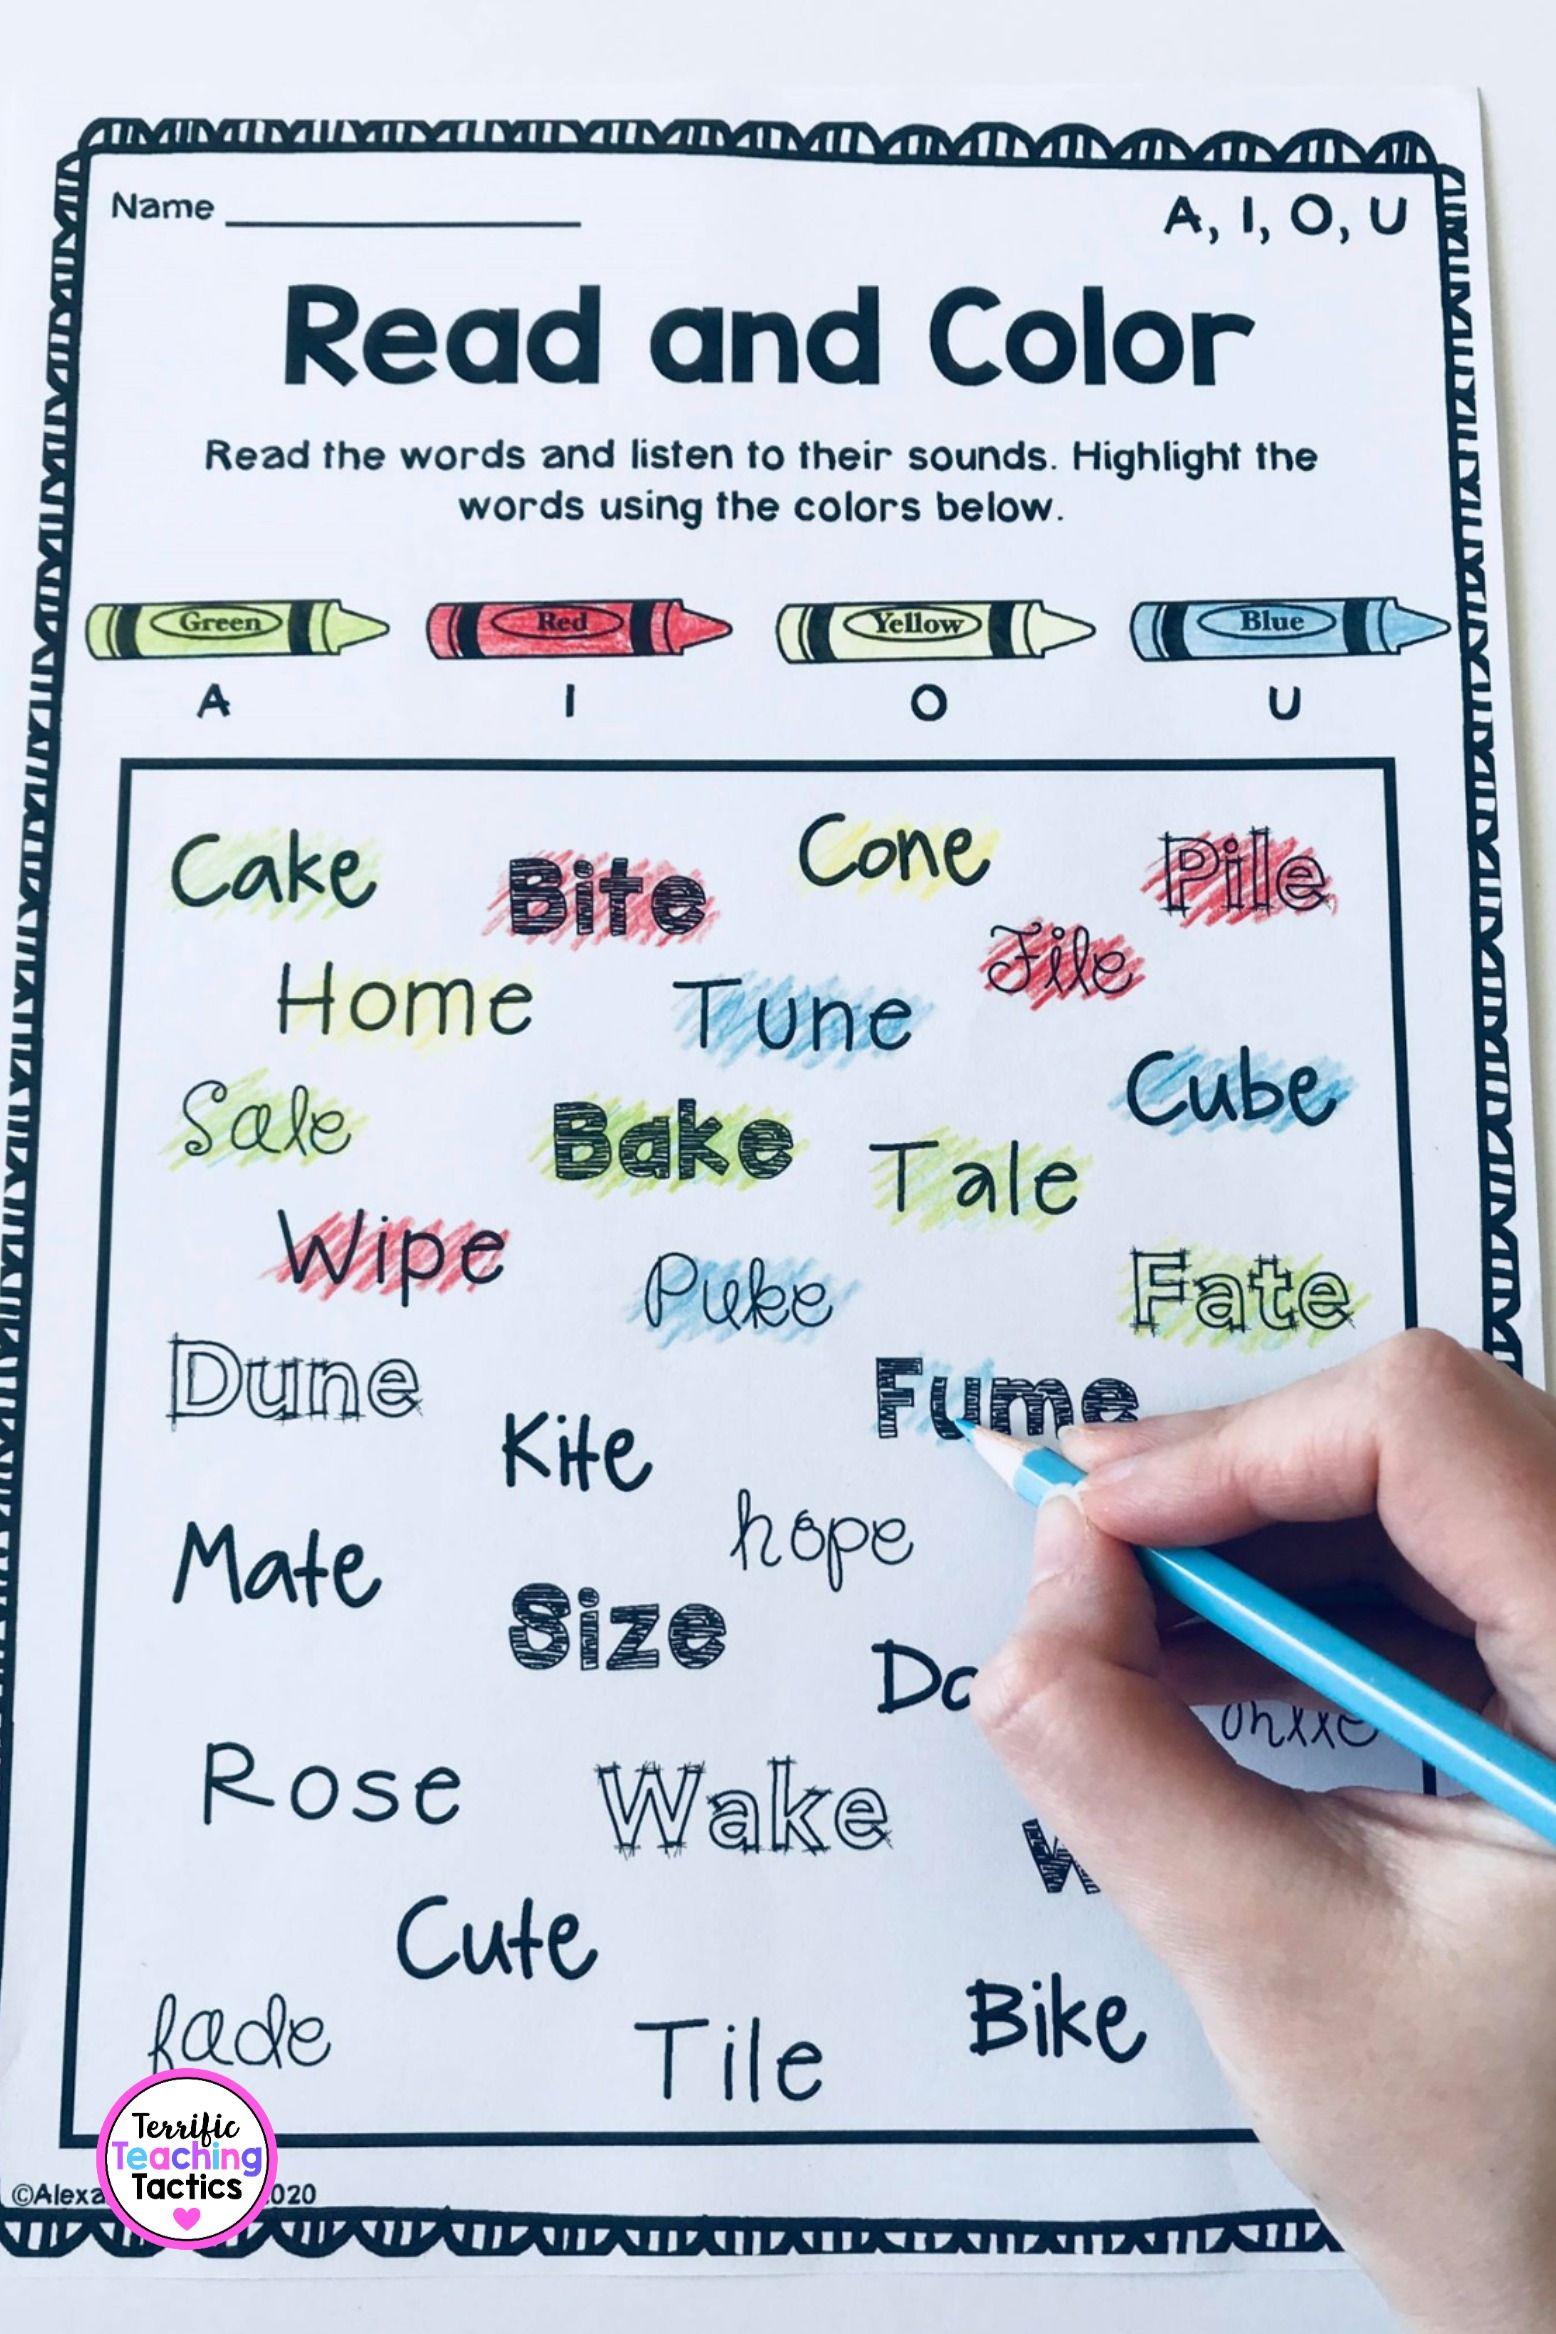 Long Vowel Worksheets A I O U Phonics Worksheets Phonics Cvc Words Phonics Words Phonics worksheets for older students